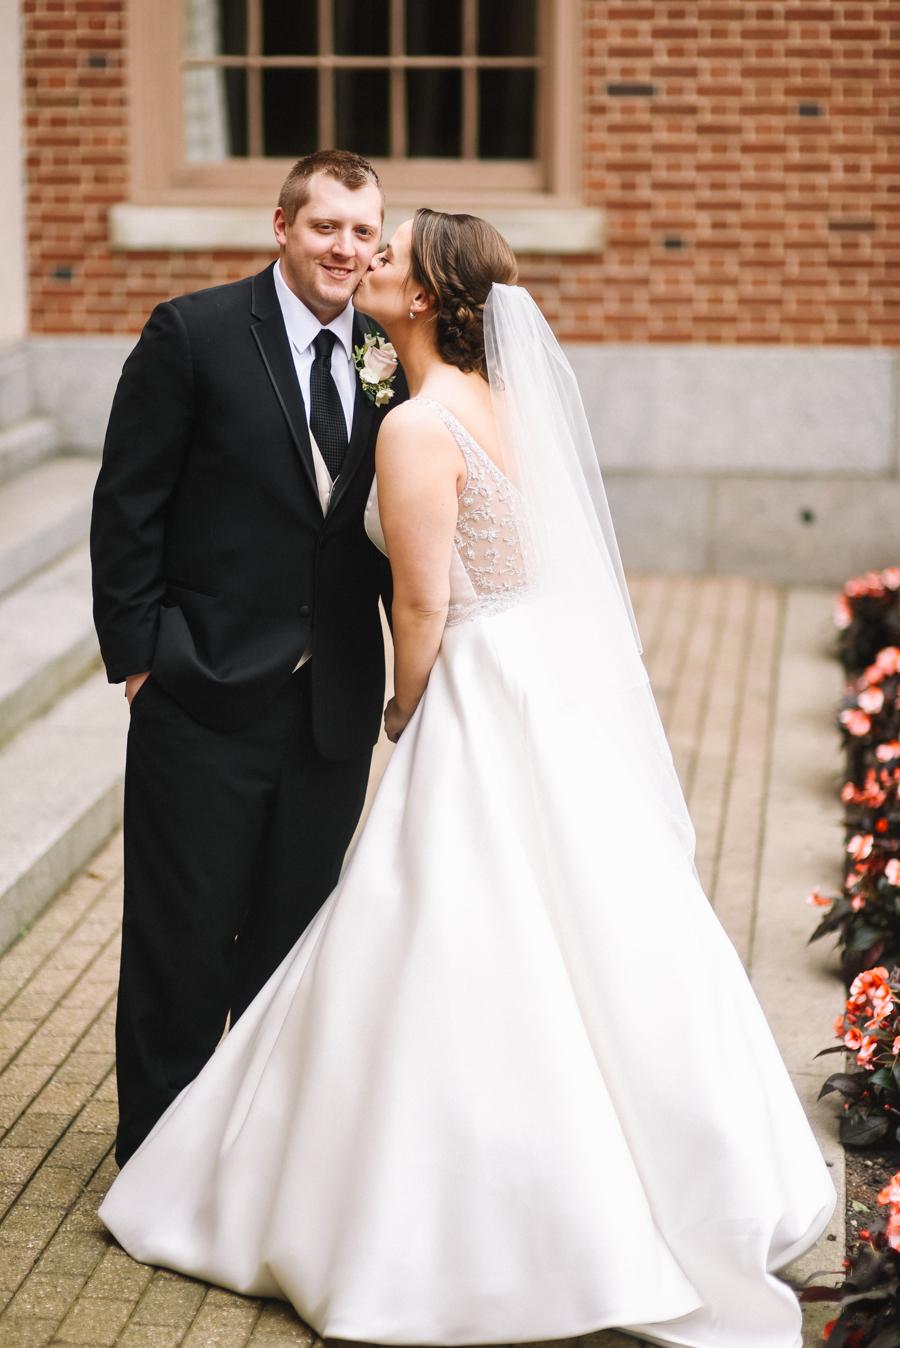 Dearborn_Inn_Wedding_Photos-63.jpg